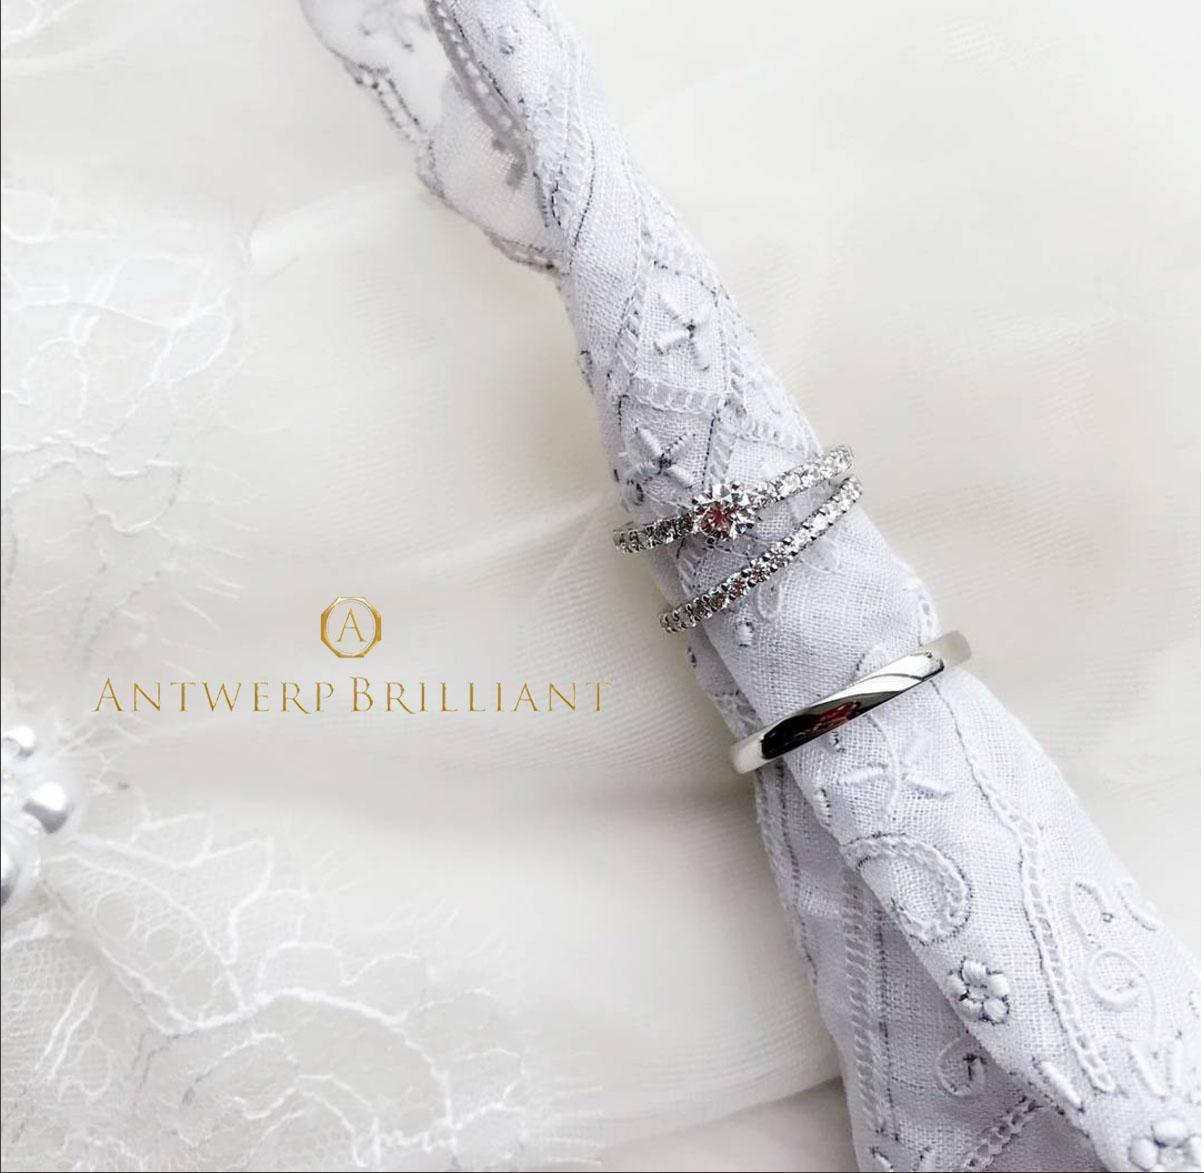 銀座で人気のシンプルで大人かわいい、プラチナとダイヤモンドラインが美しいハーフエタニティのD—line starの婚約指輪と結婚指輪